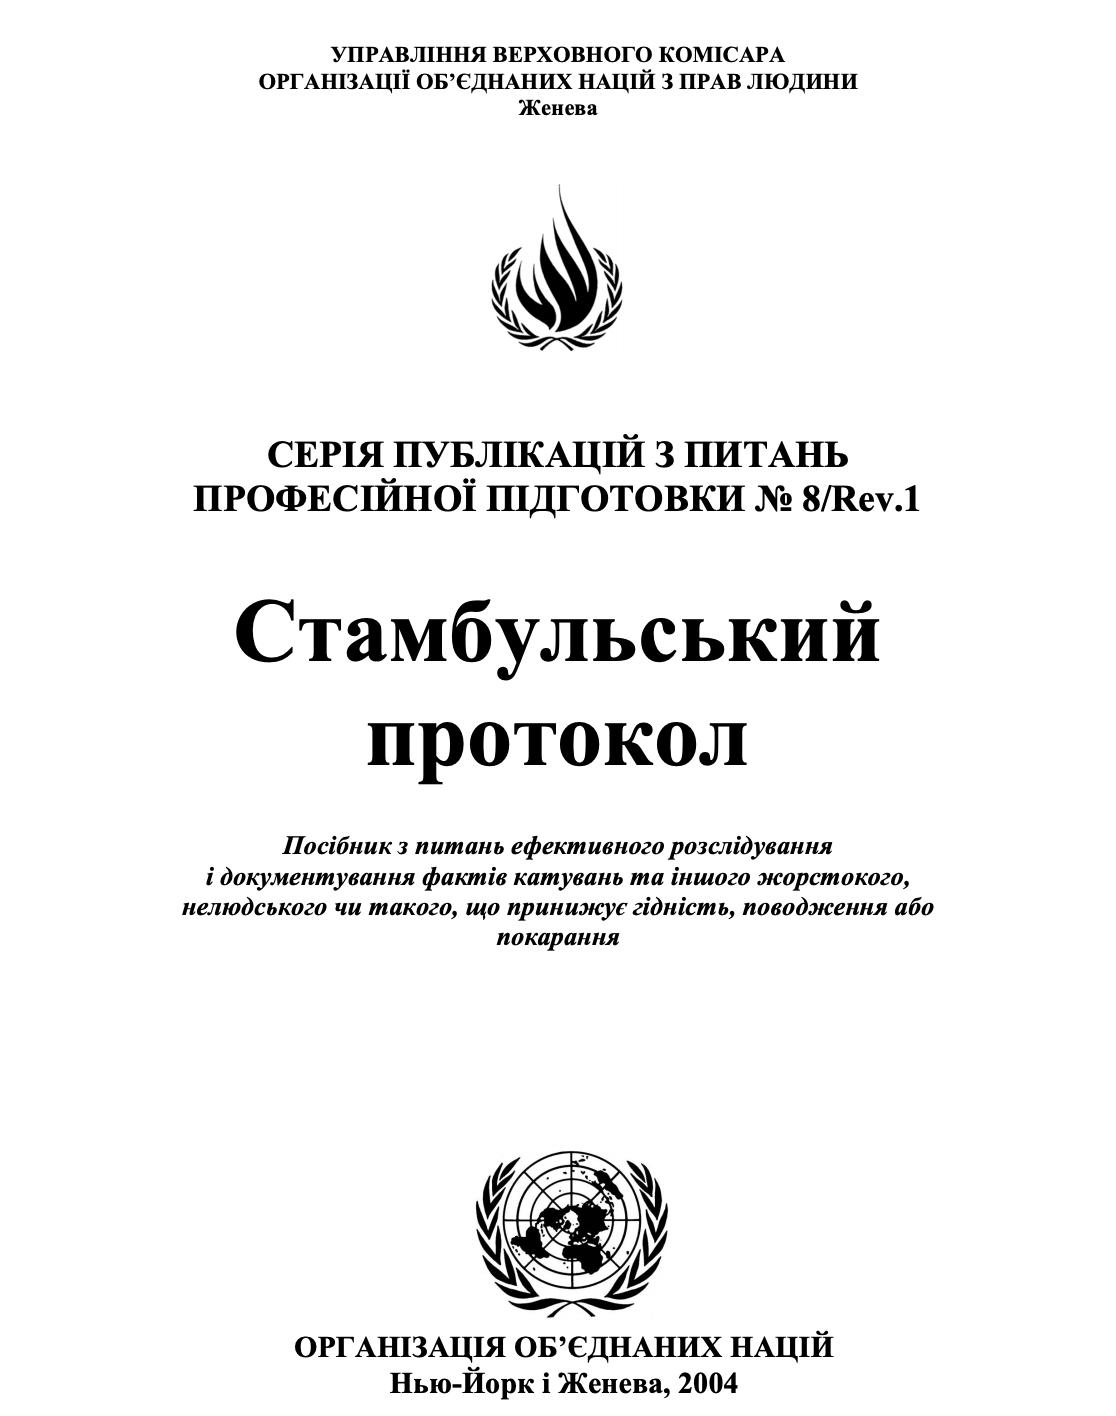 Стамбульський протокол. Посібник з питань ефективного розслідування і документування фактів катувань та іншого жорстокого, нелюдського чи такого, що принижує гідність, поводження або покарання.